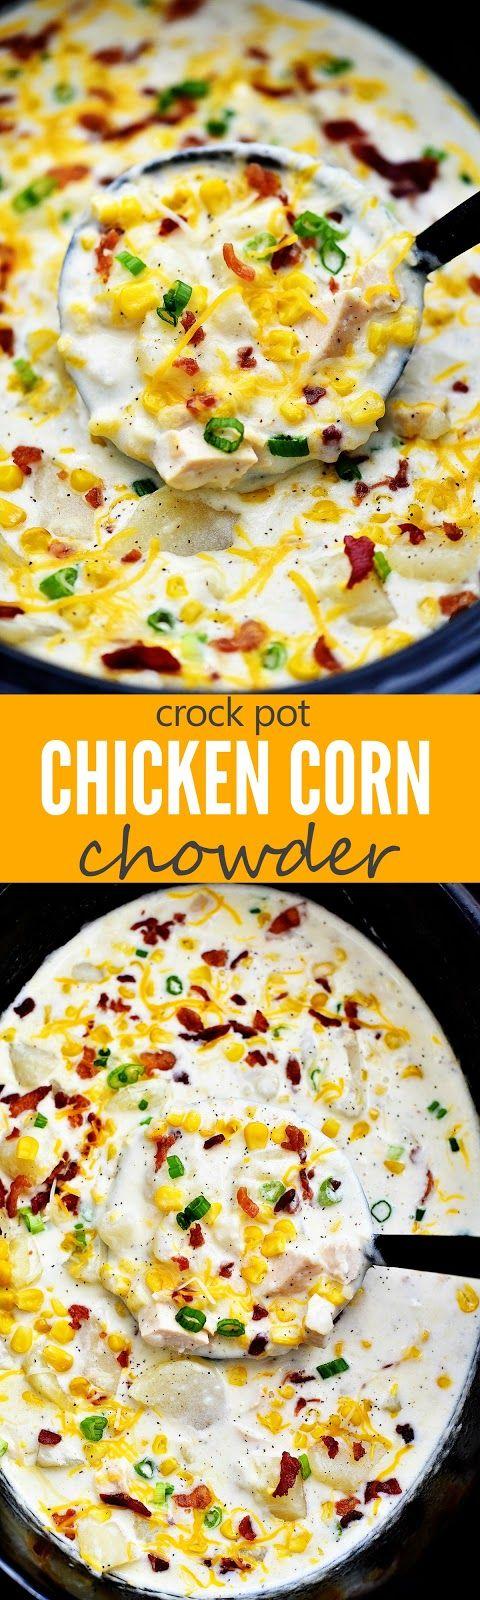 Chicken Corn Chowder #soup #chicken #corn #chowder